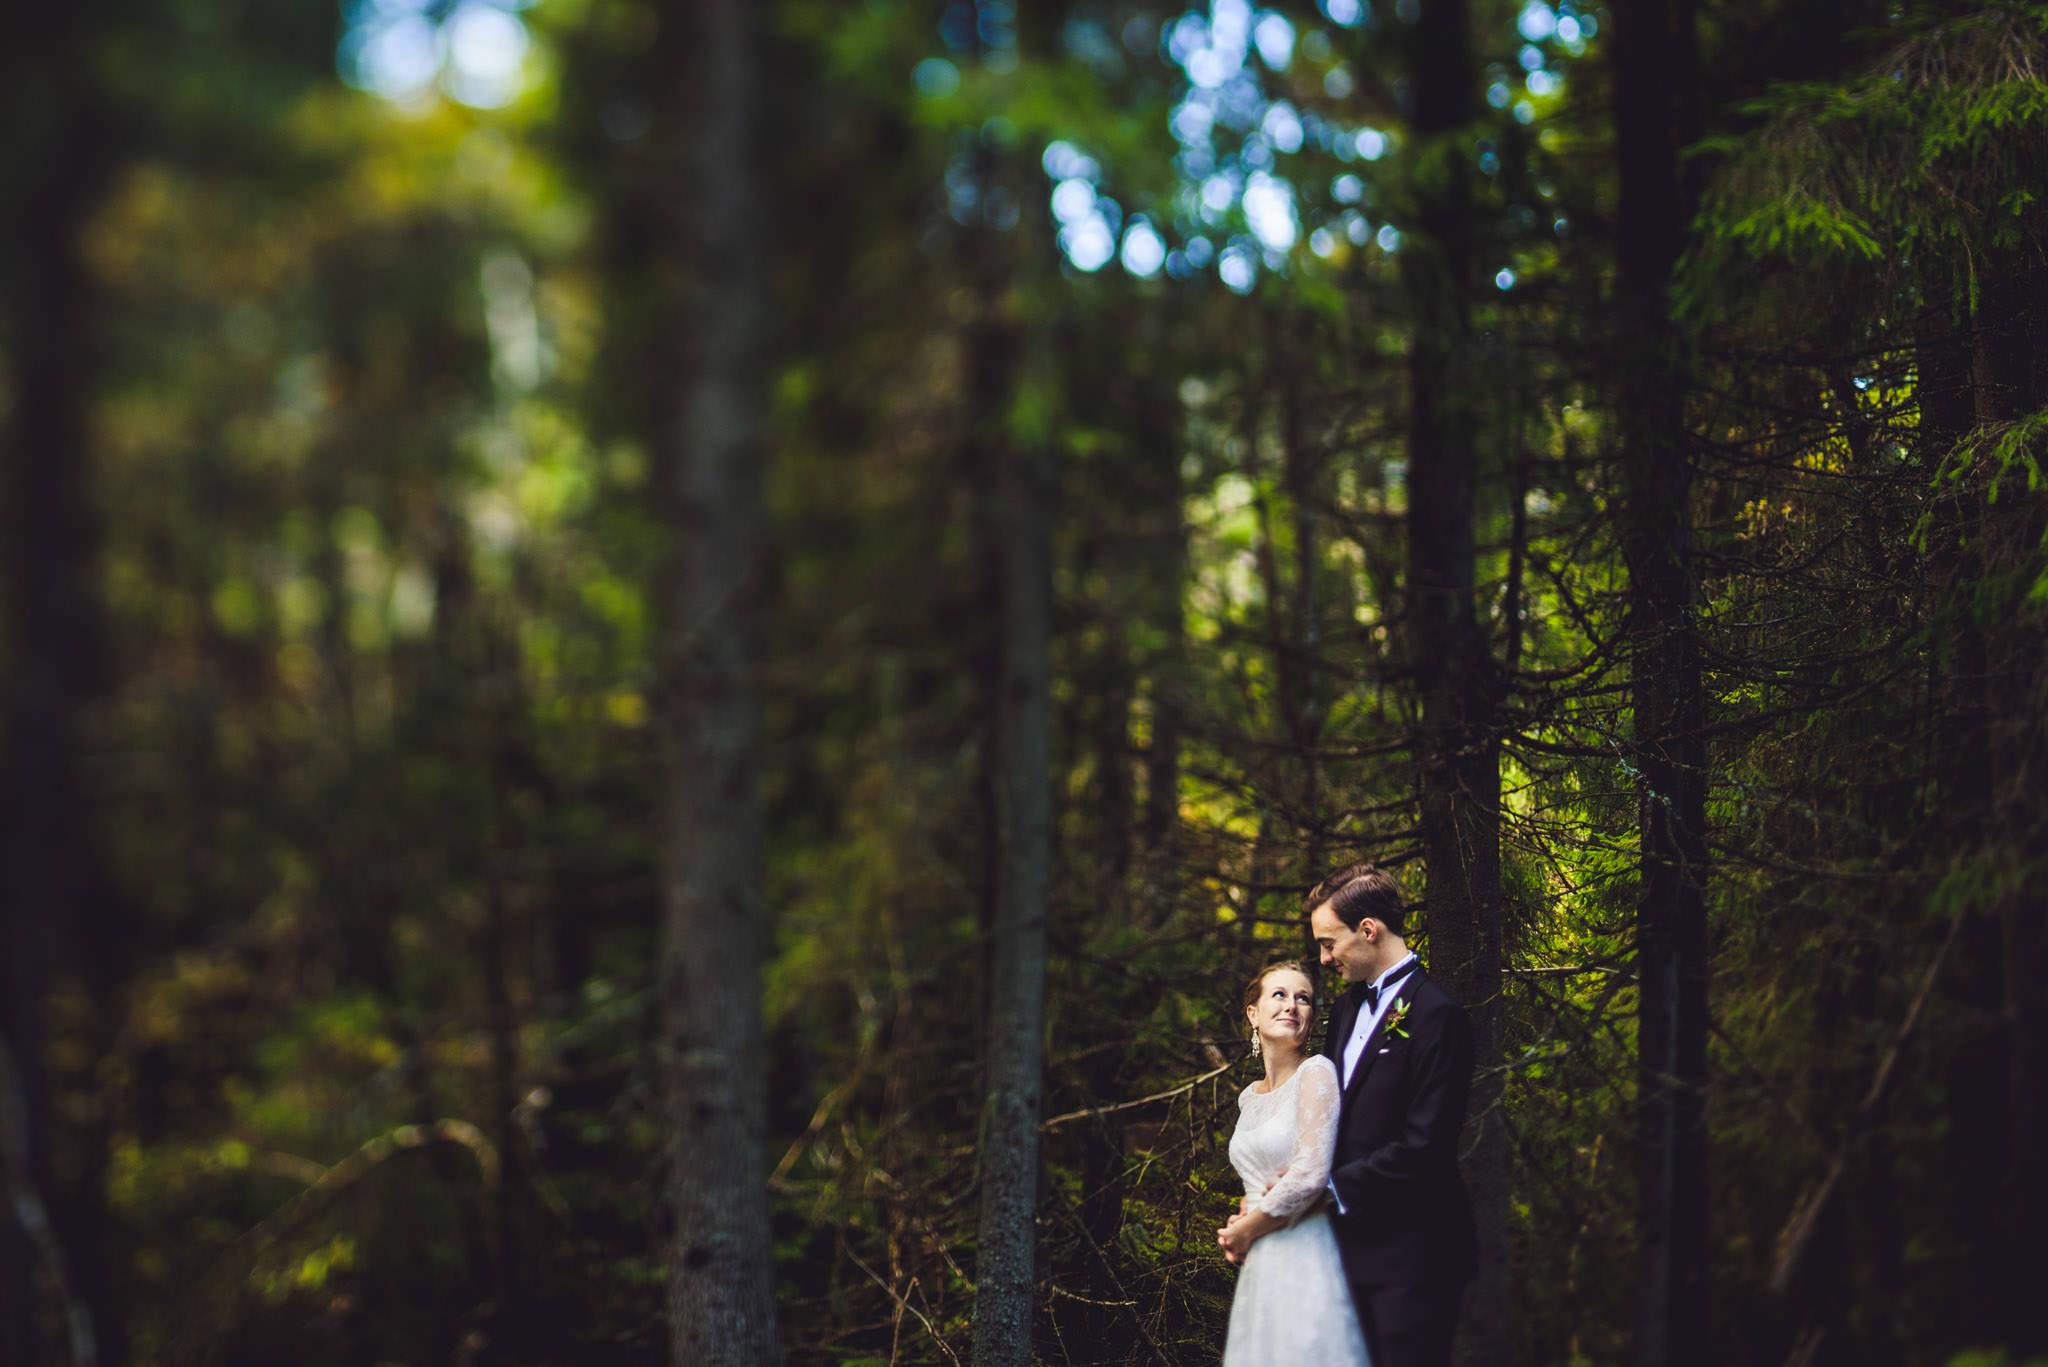 Eirik Halvorsen Mari og Andreas blog bryllup-25.jpg